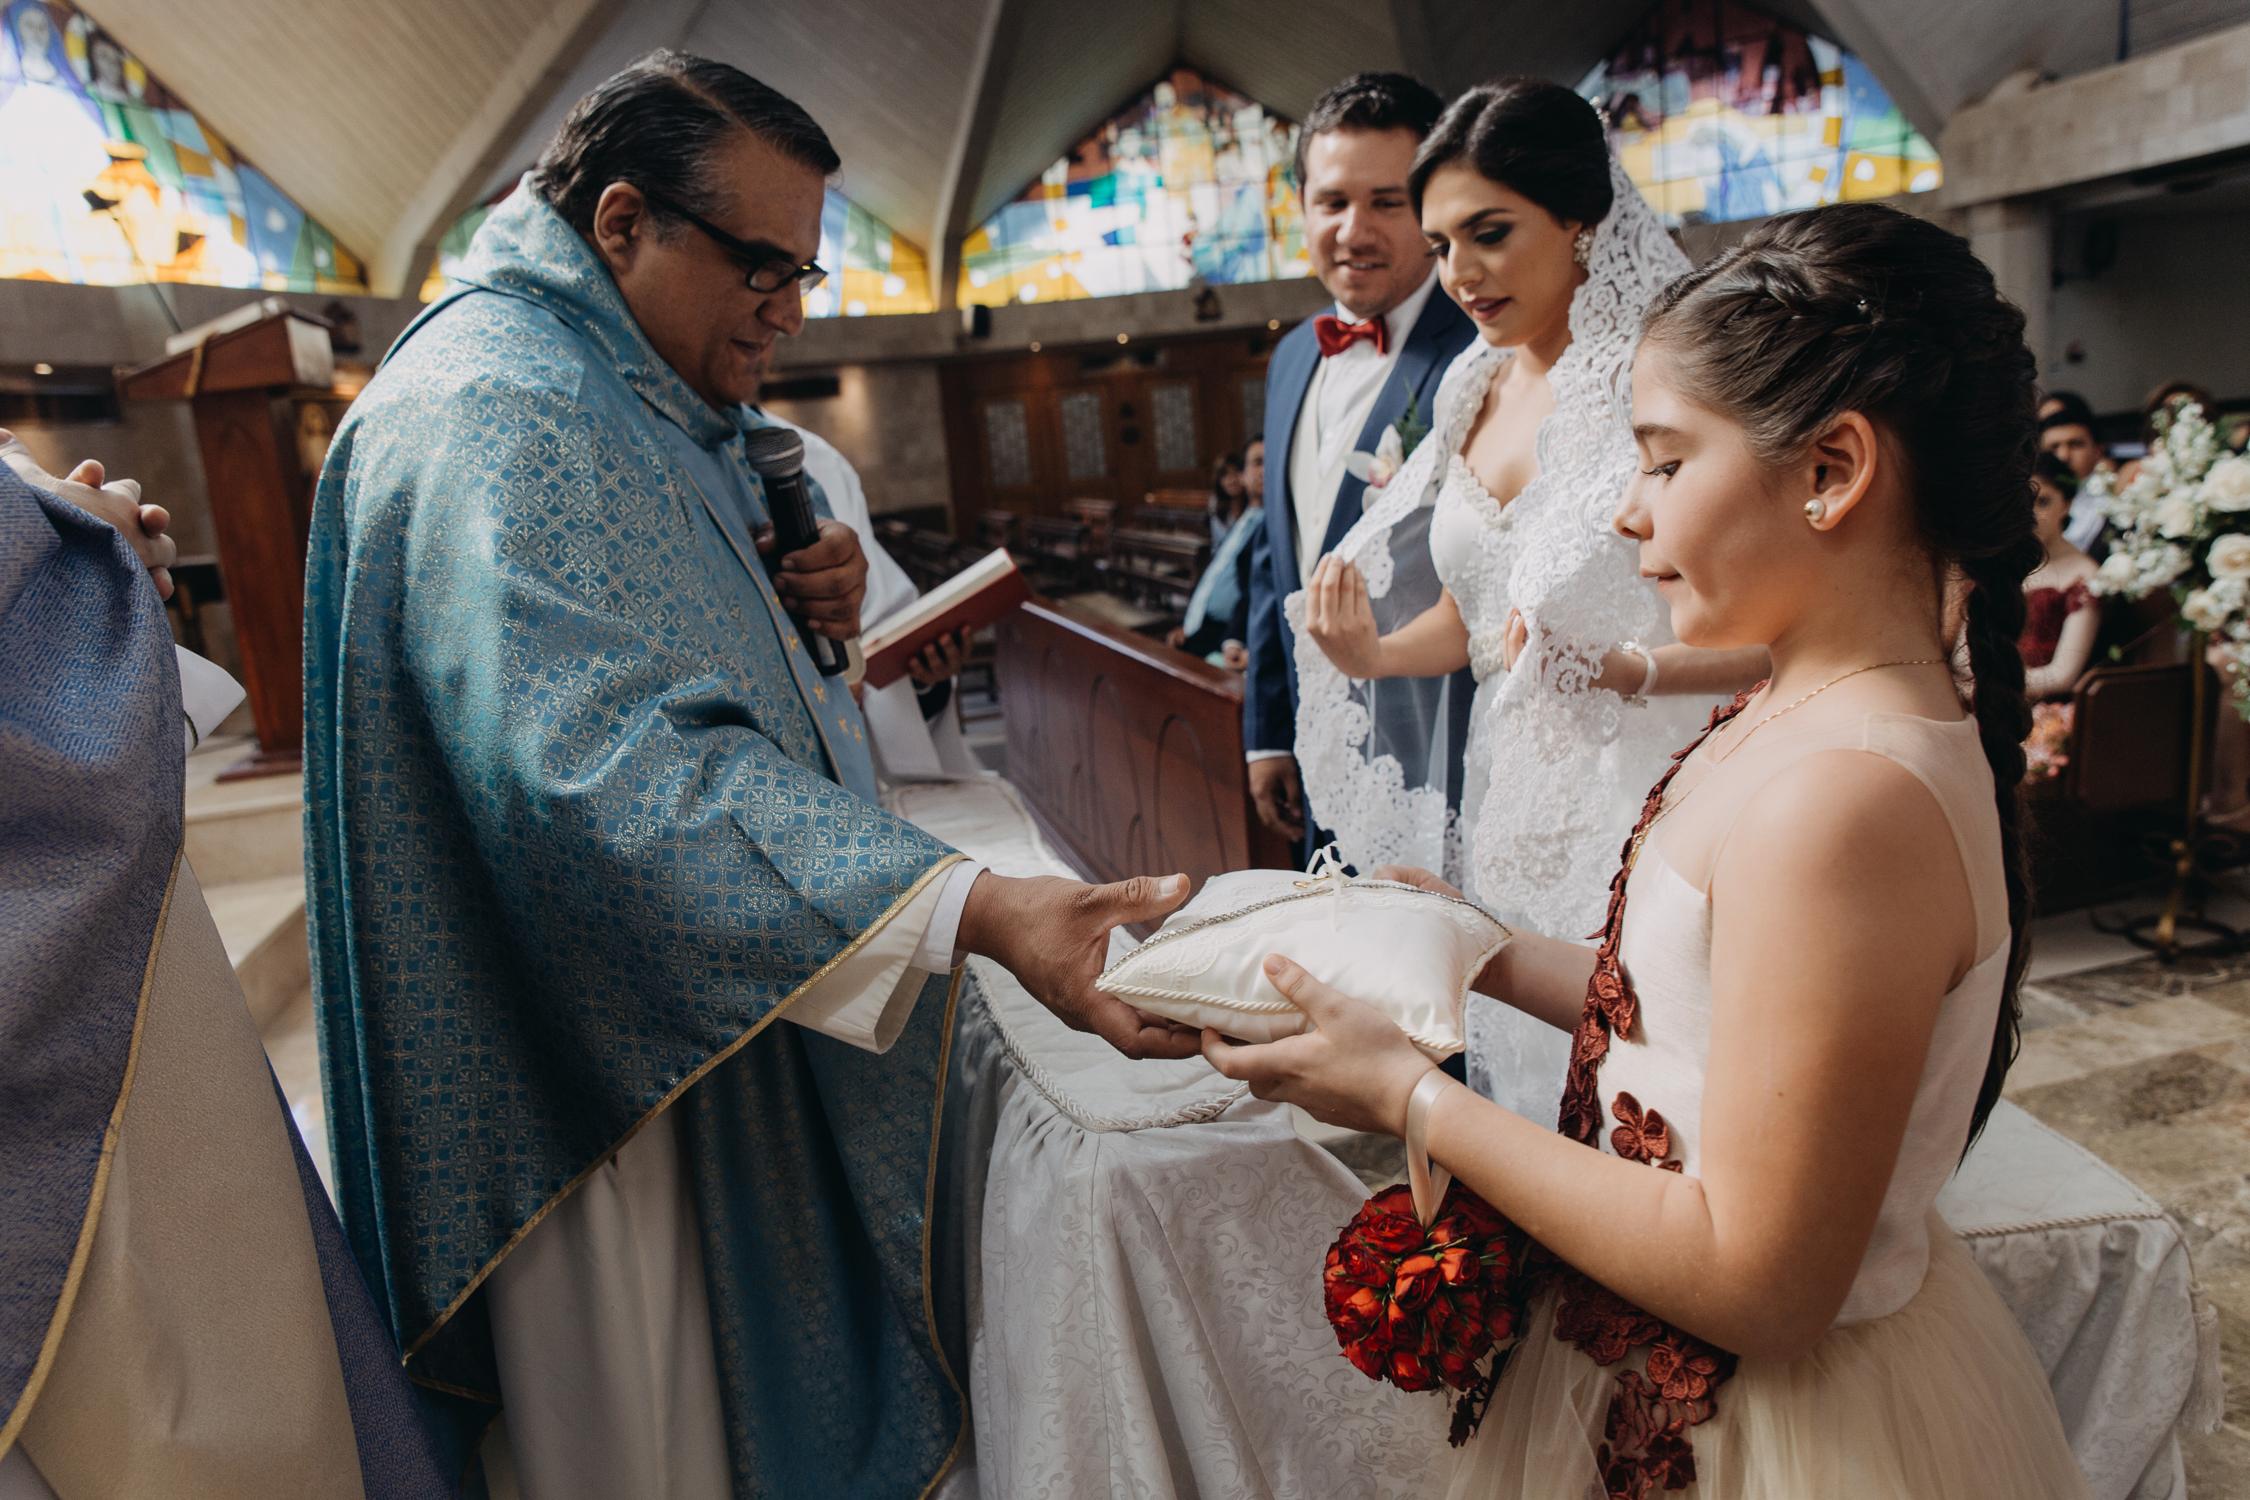 Michelle-Agurto-Fotografia-Bodas-Ecuador-Destination-Wedding-Photographer-Cristi-Luis-46.JPG